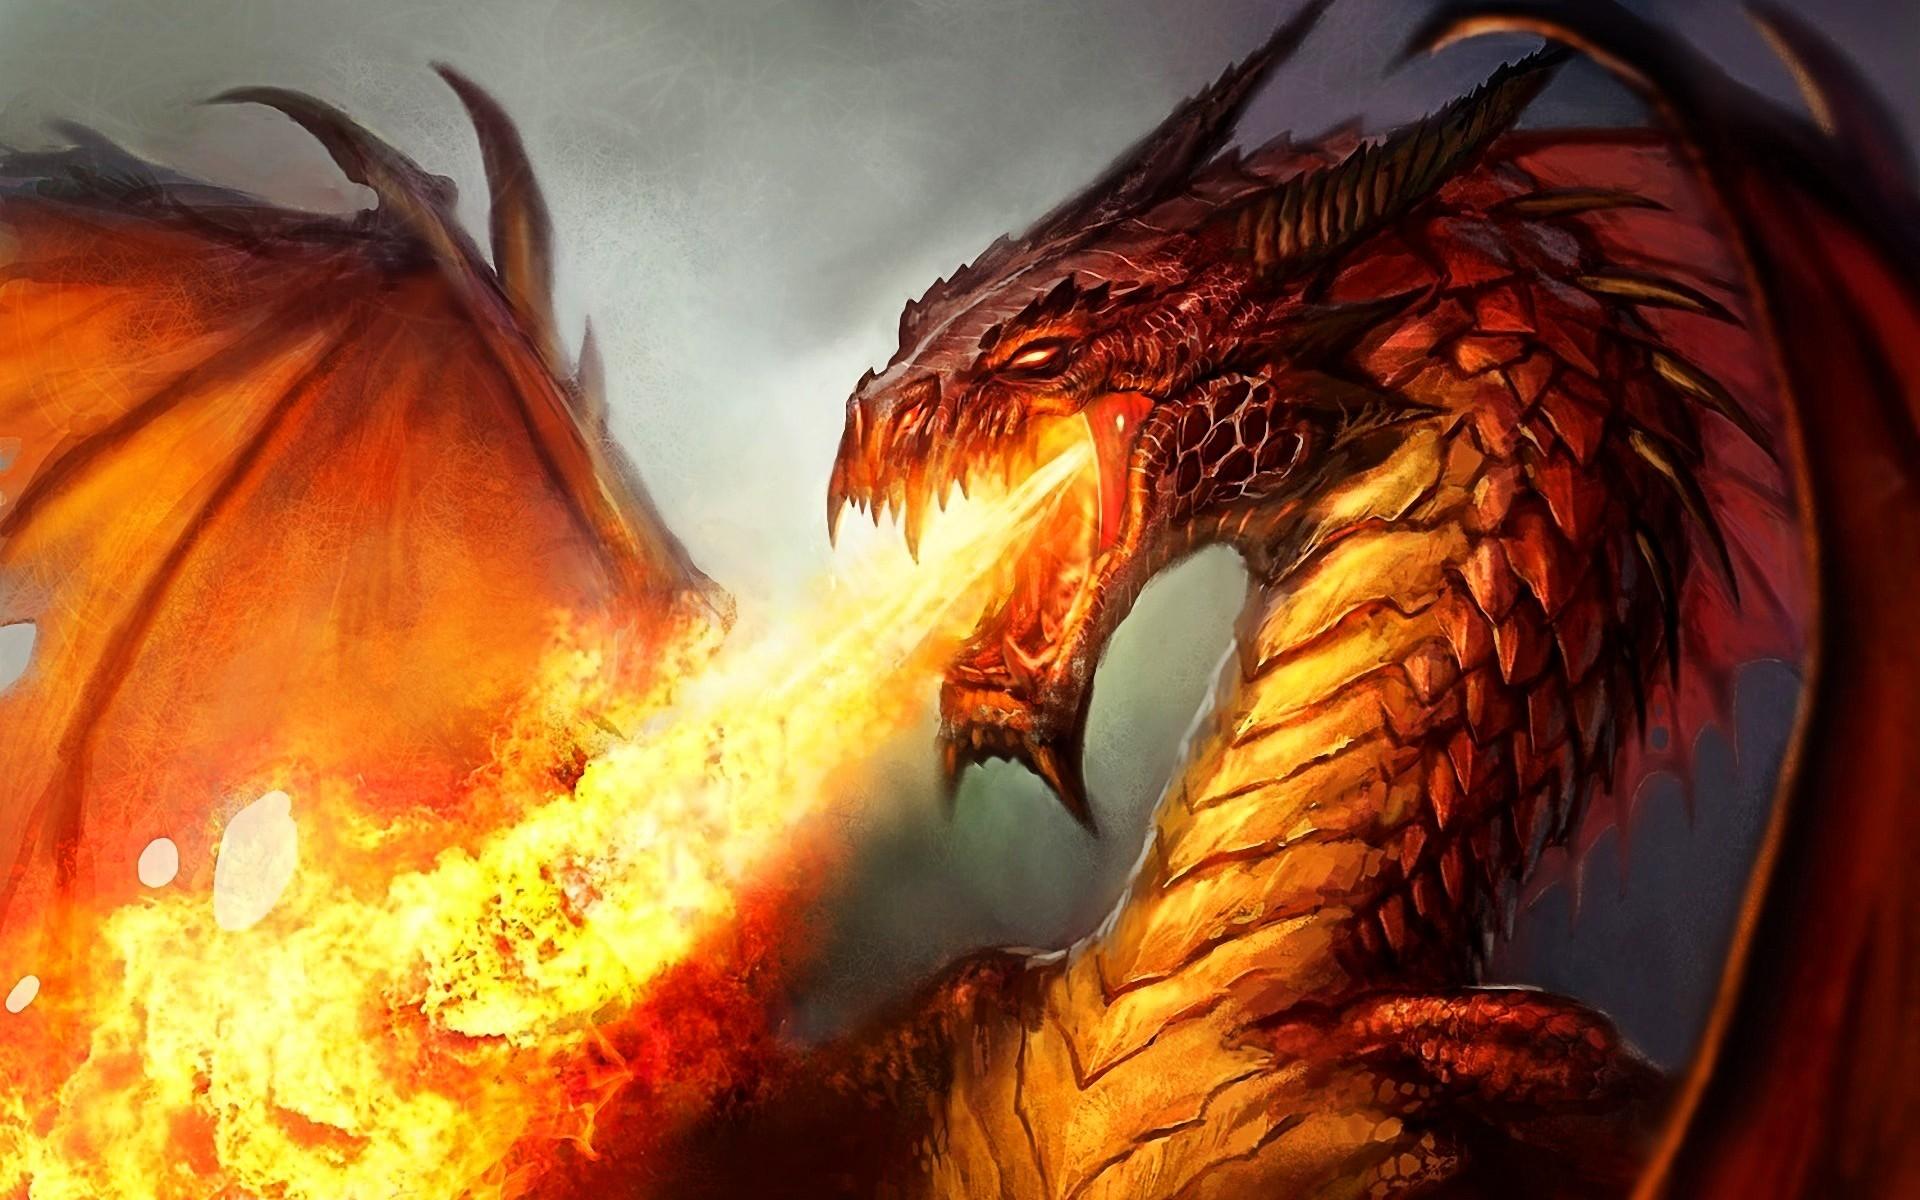 Fire Dragon HD Wallpapers 06099 - Baltana